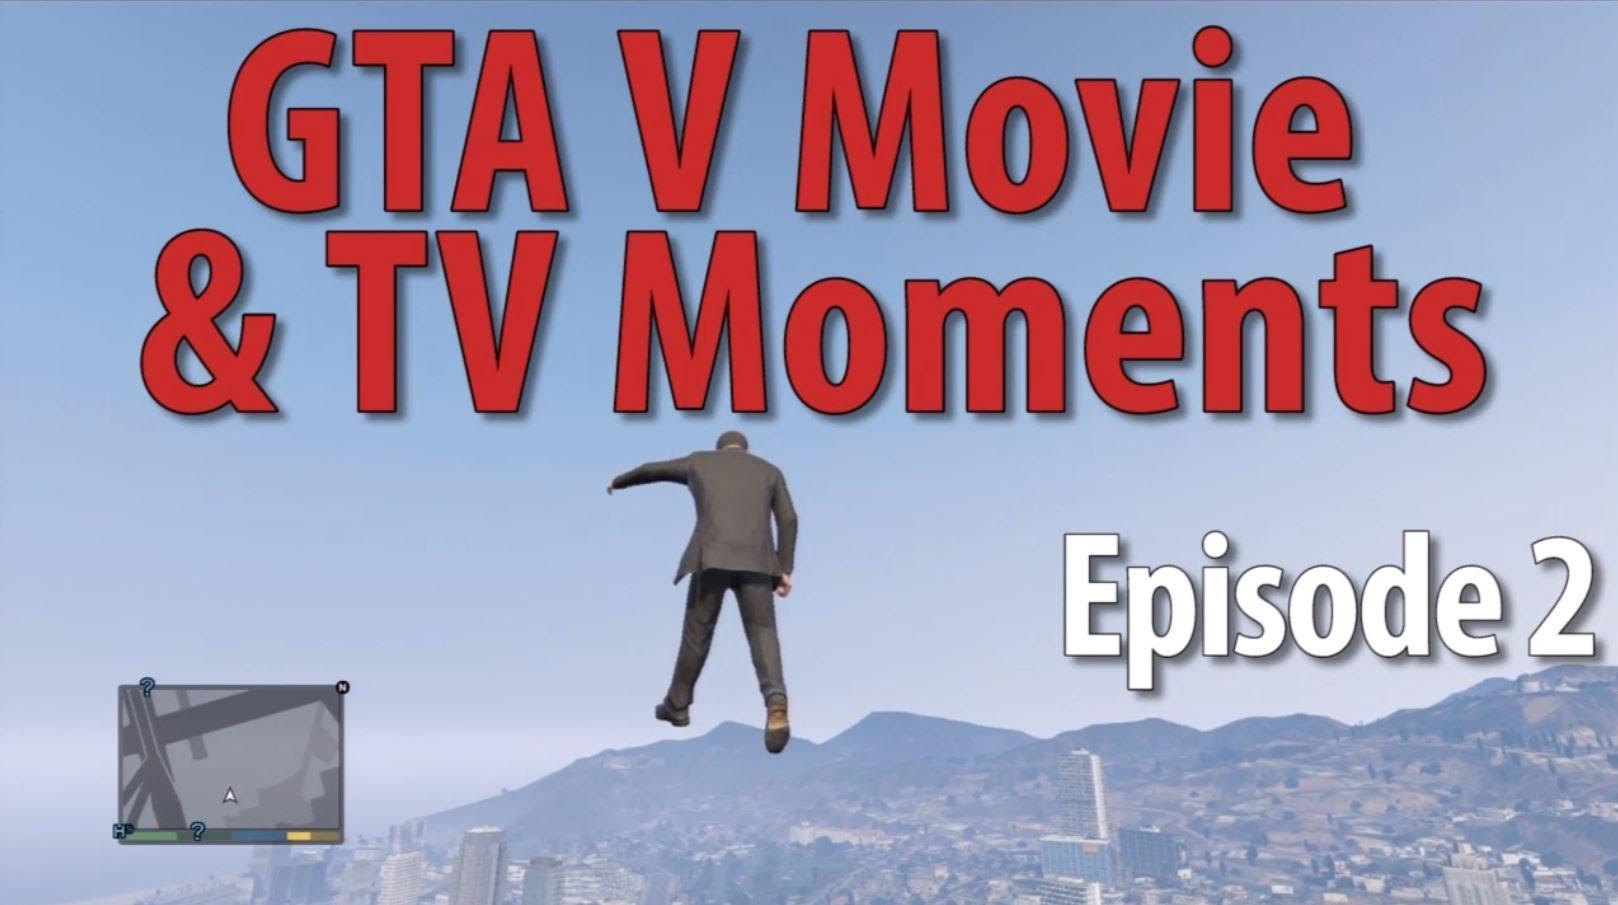 Even More Popular Movie & TV Show Scenes Recreated in 'Grand Theft Auto V'